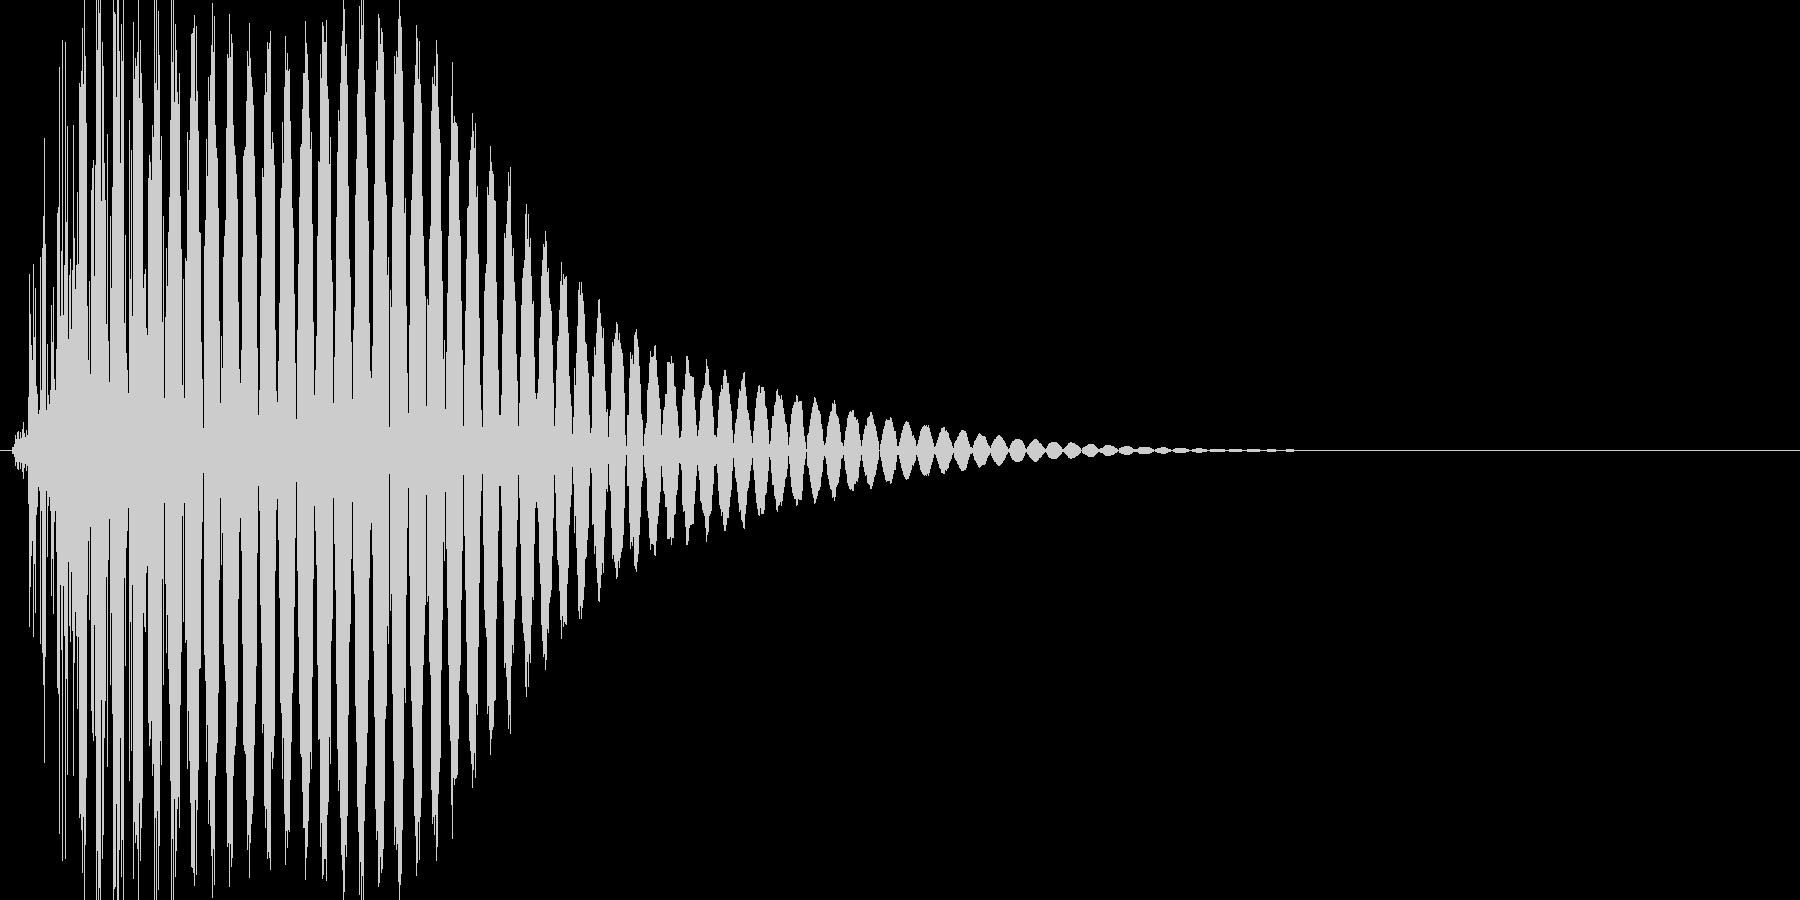 ボタン・カーソル・操作音 「ポッ」の未再生の波形